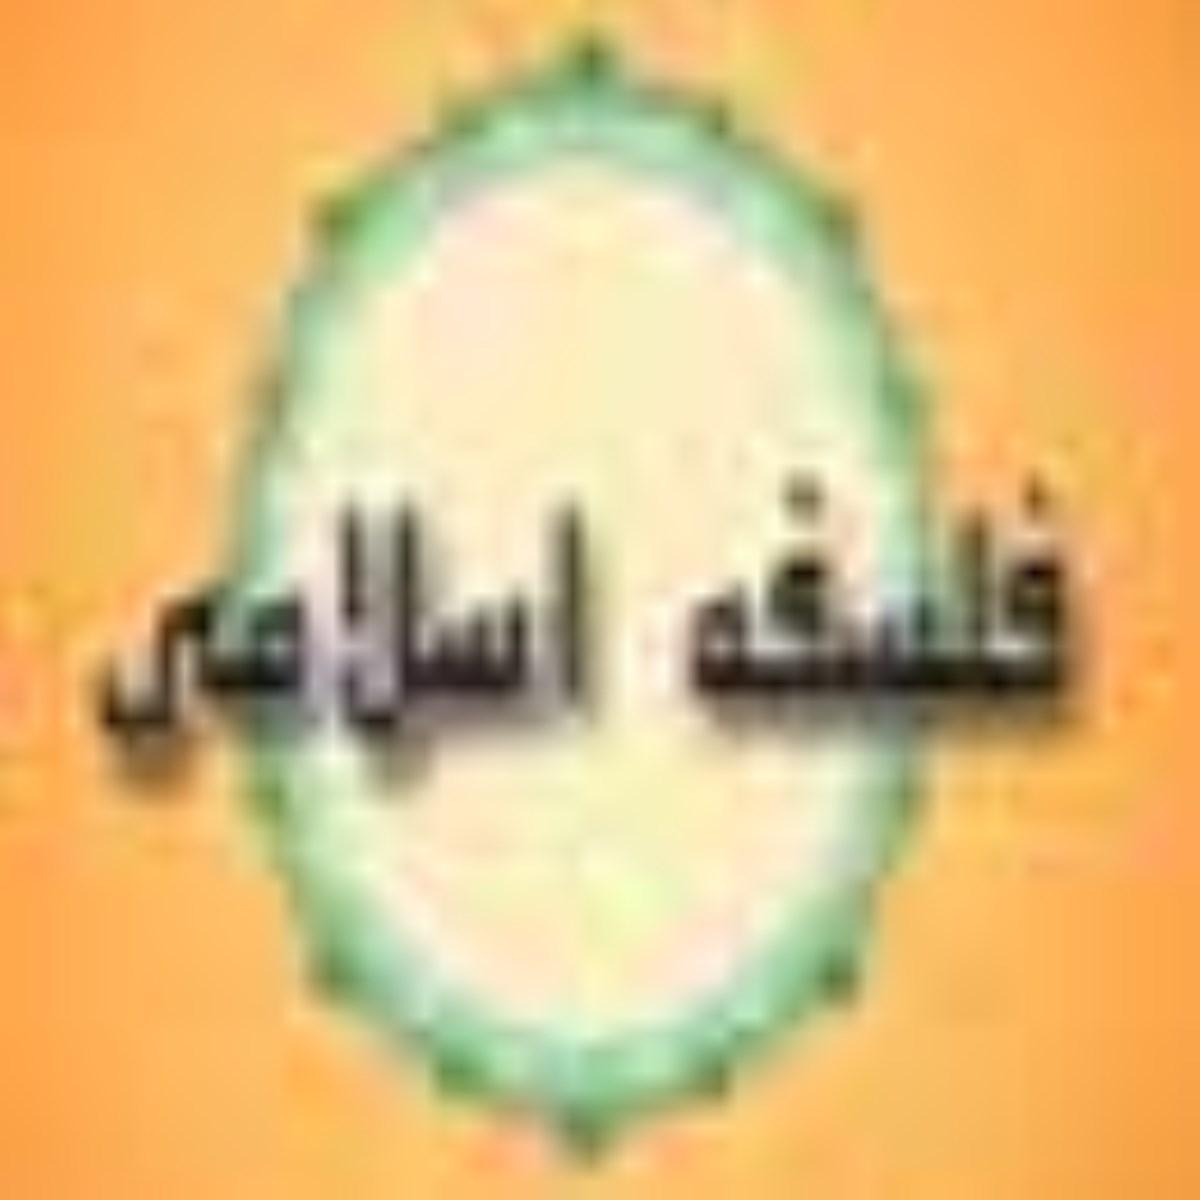 فلسفه اسلامي و نيازهاي معاصر